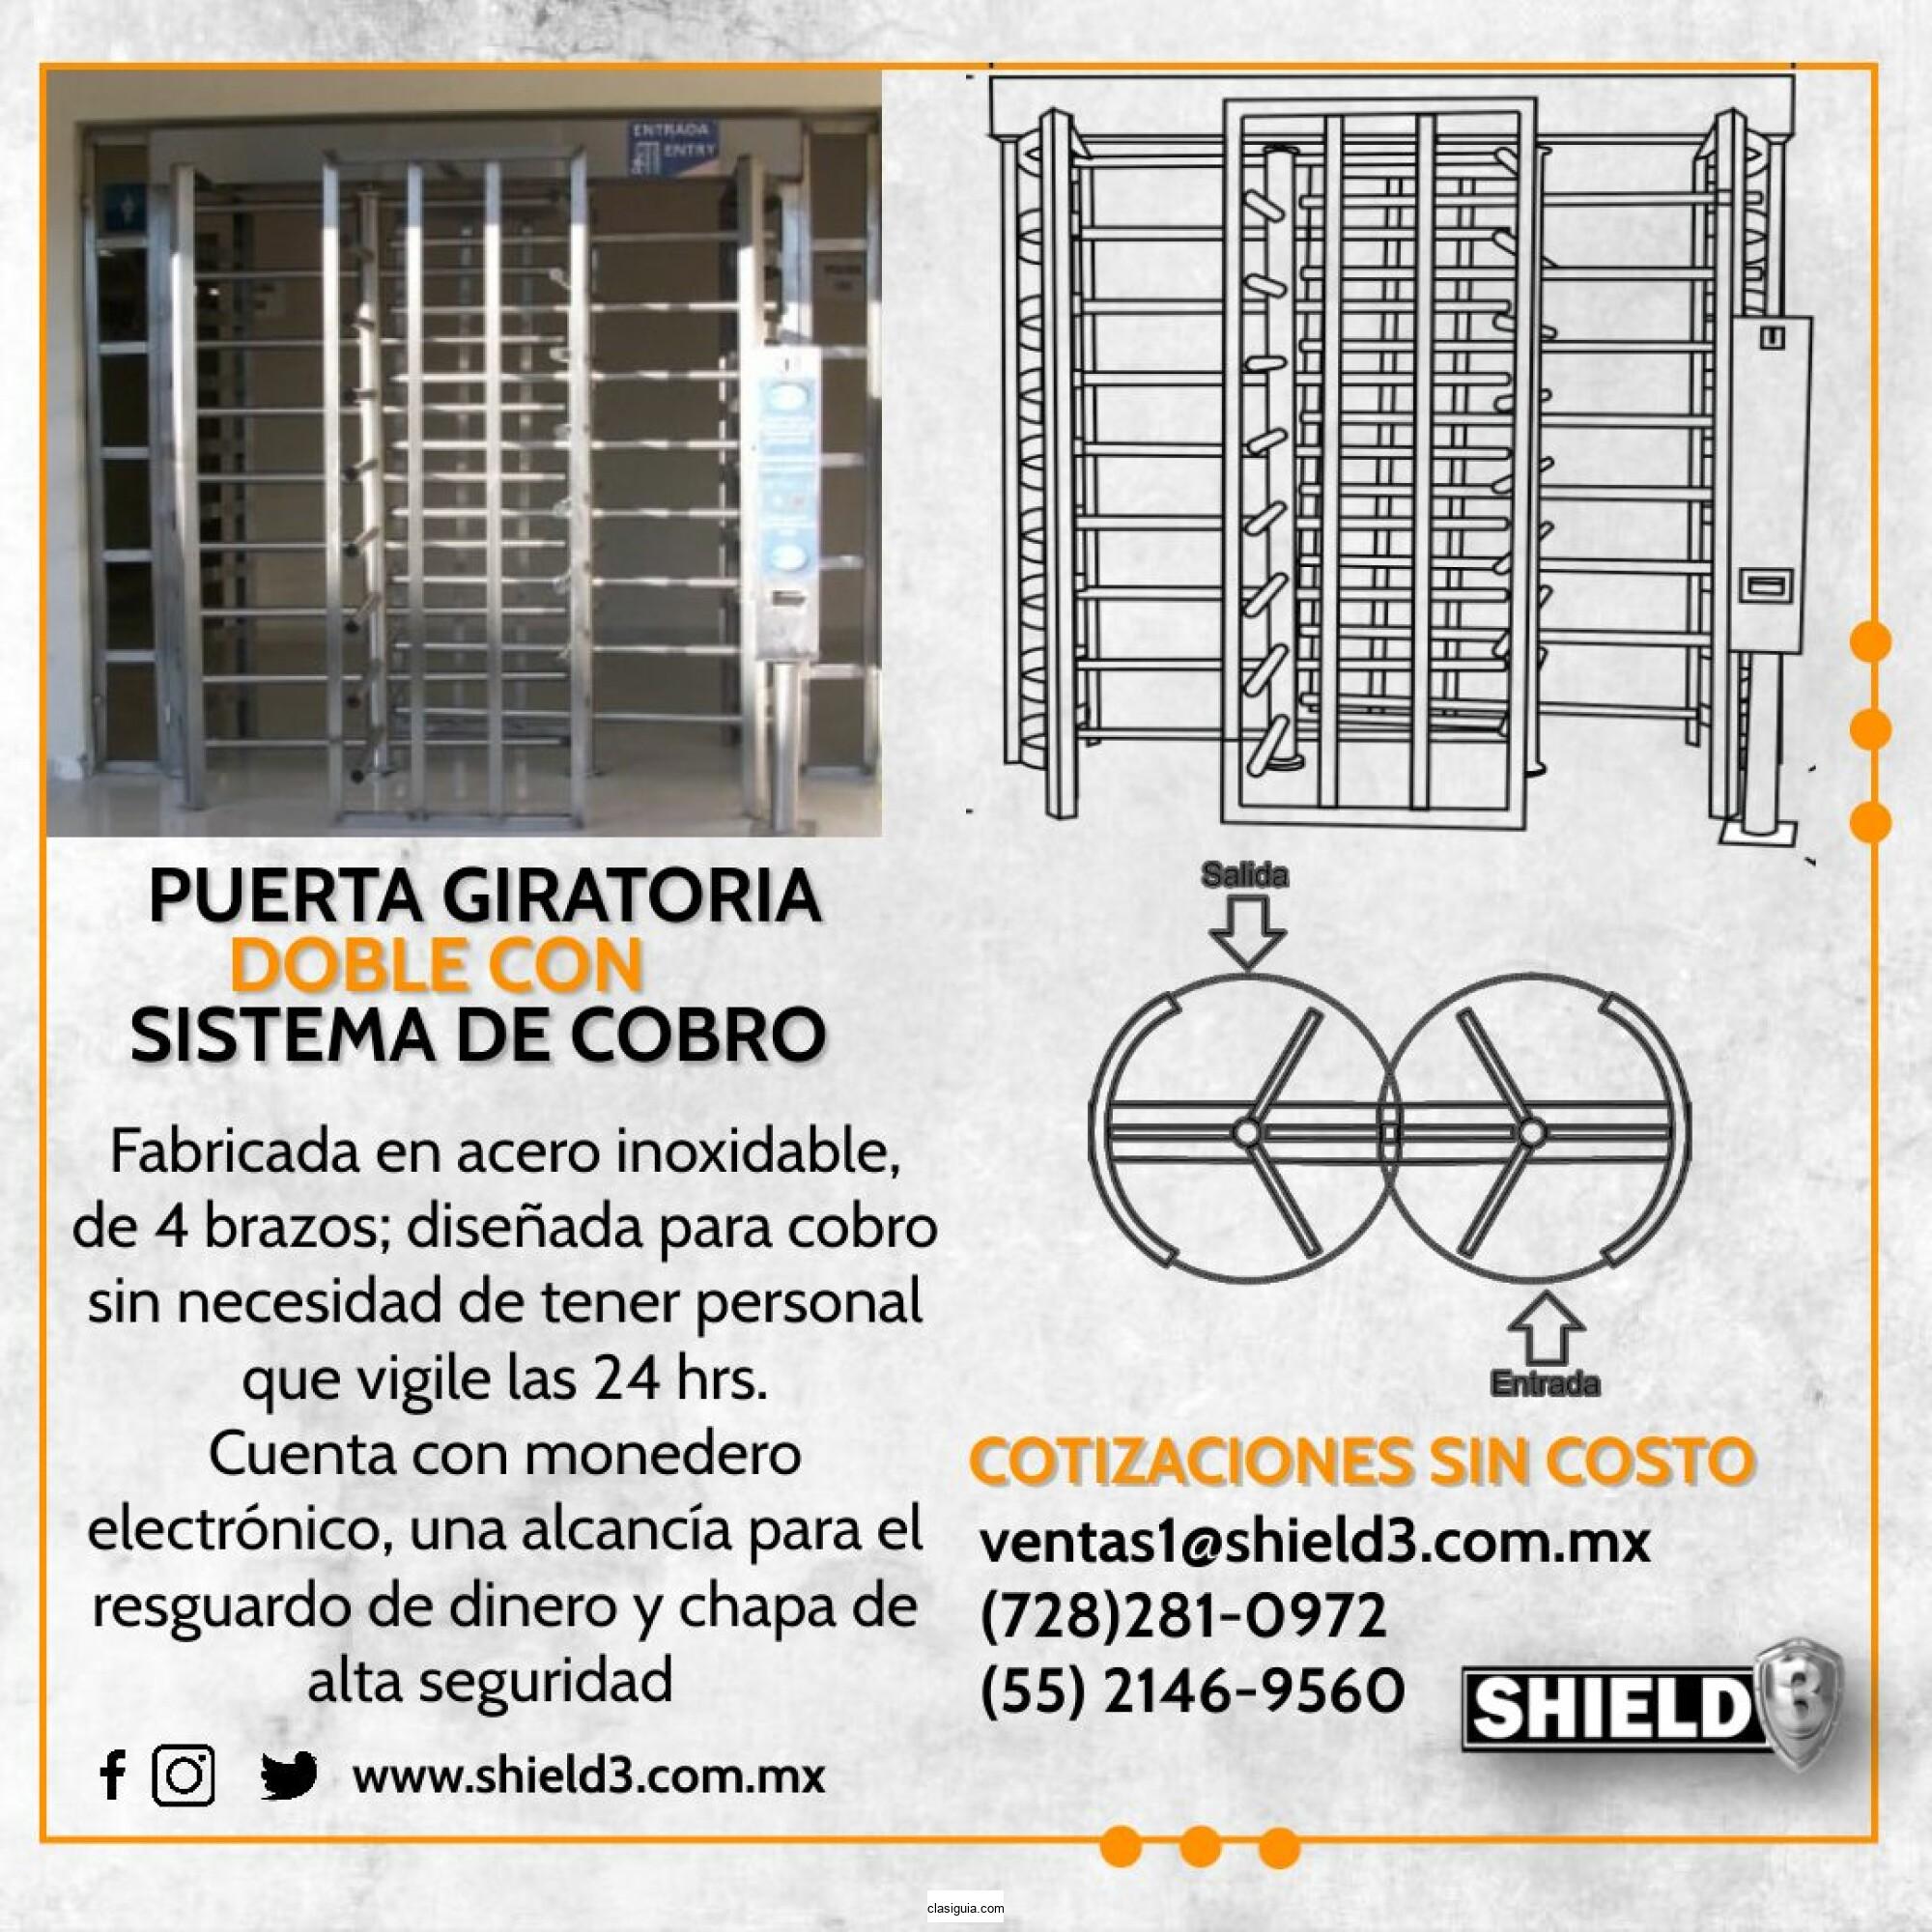 Puerta giratoria doble con sistema de cobro